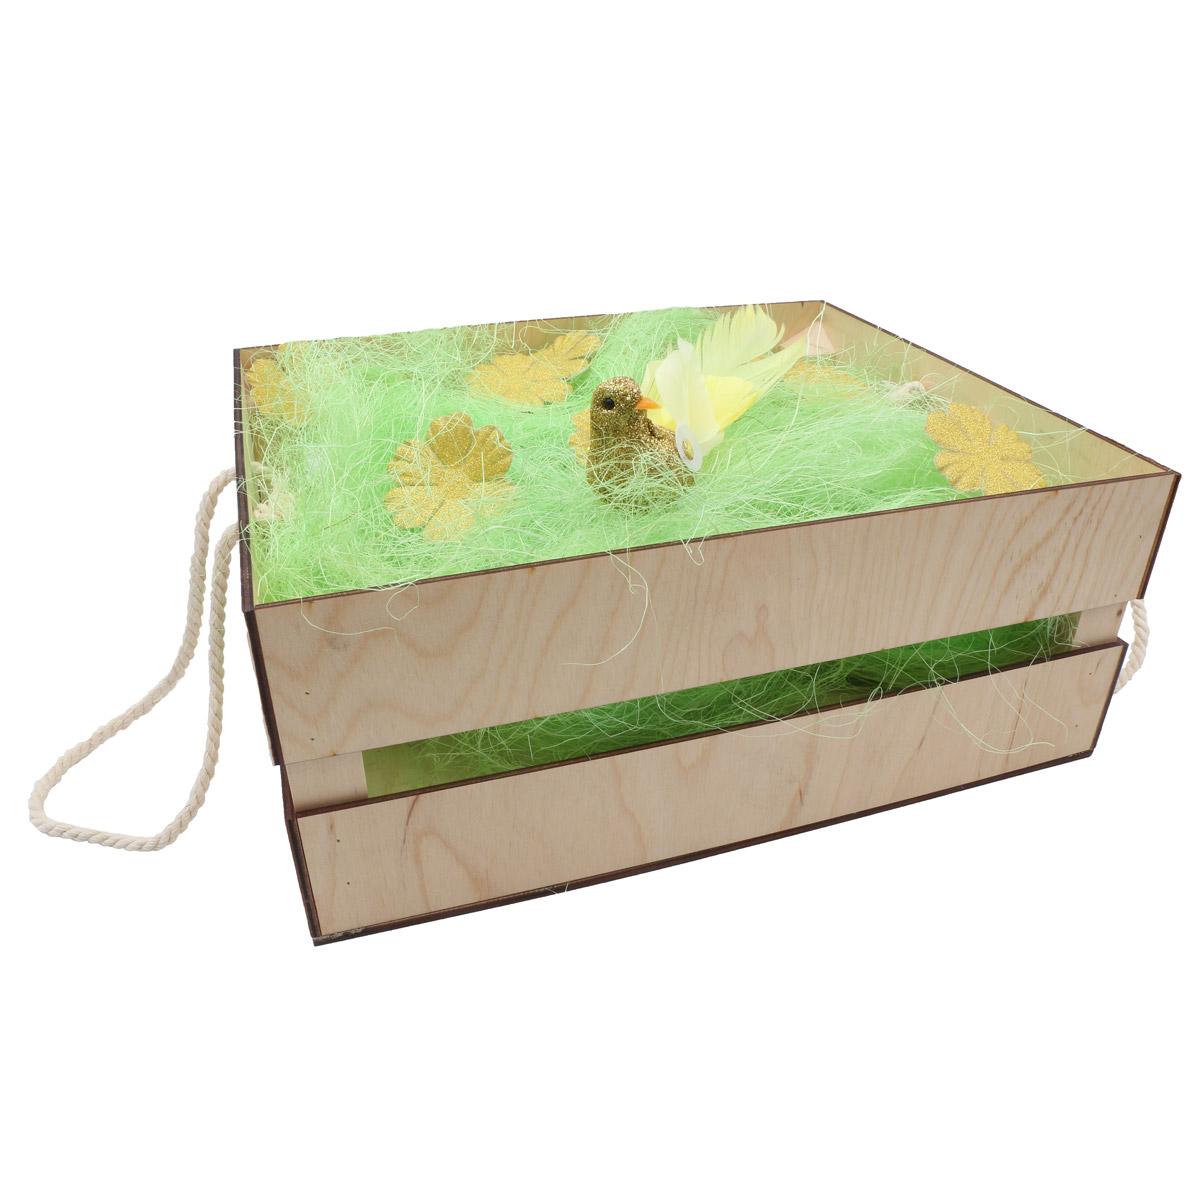 Деревянный ящик для оформления подарка с наполнением №1, 25*30 см